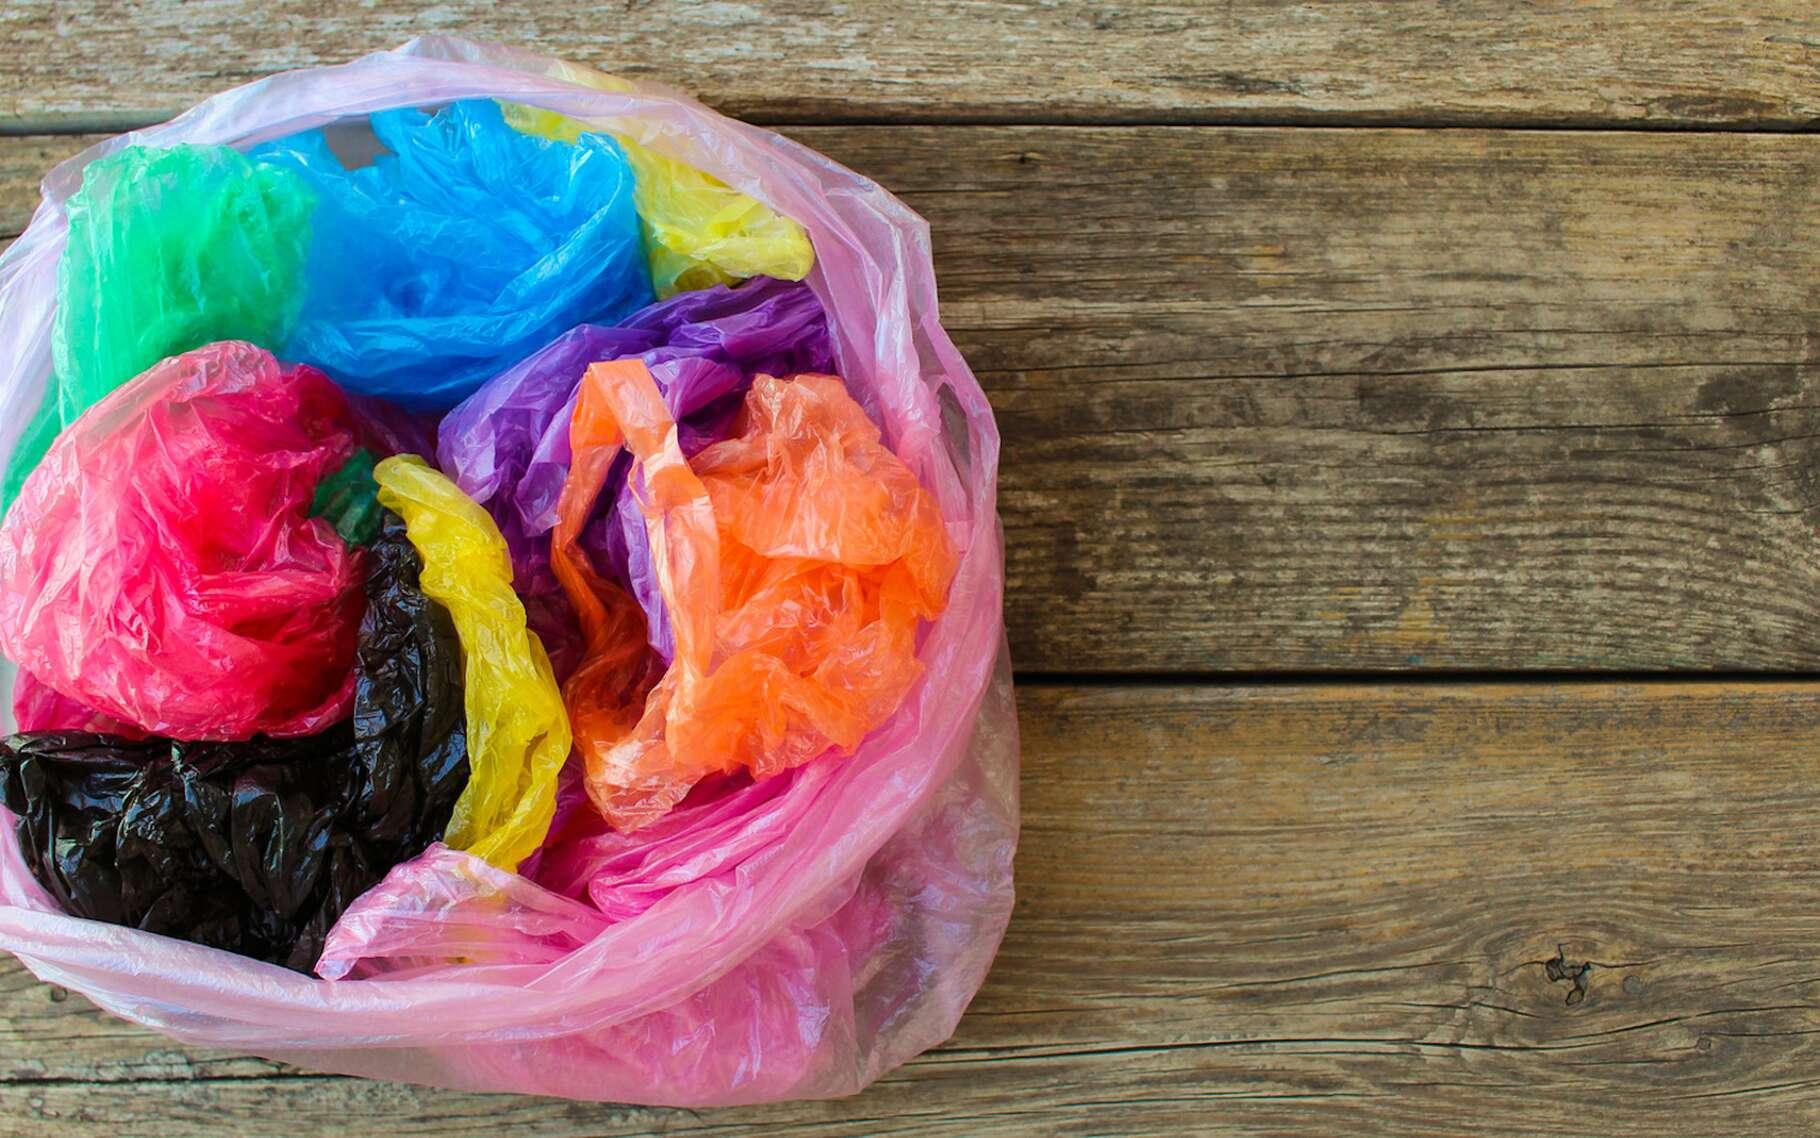 Le polyéthylène est un polymère de synthèse simple et bon marché, largement employé pour la fabrication, entres autres, de sacs plastiques. © Victoria M, Fotolia